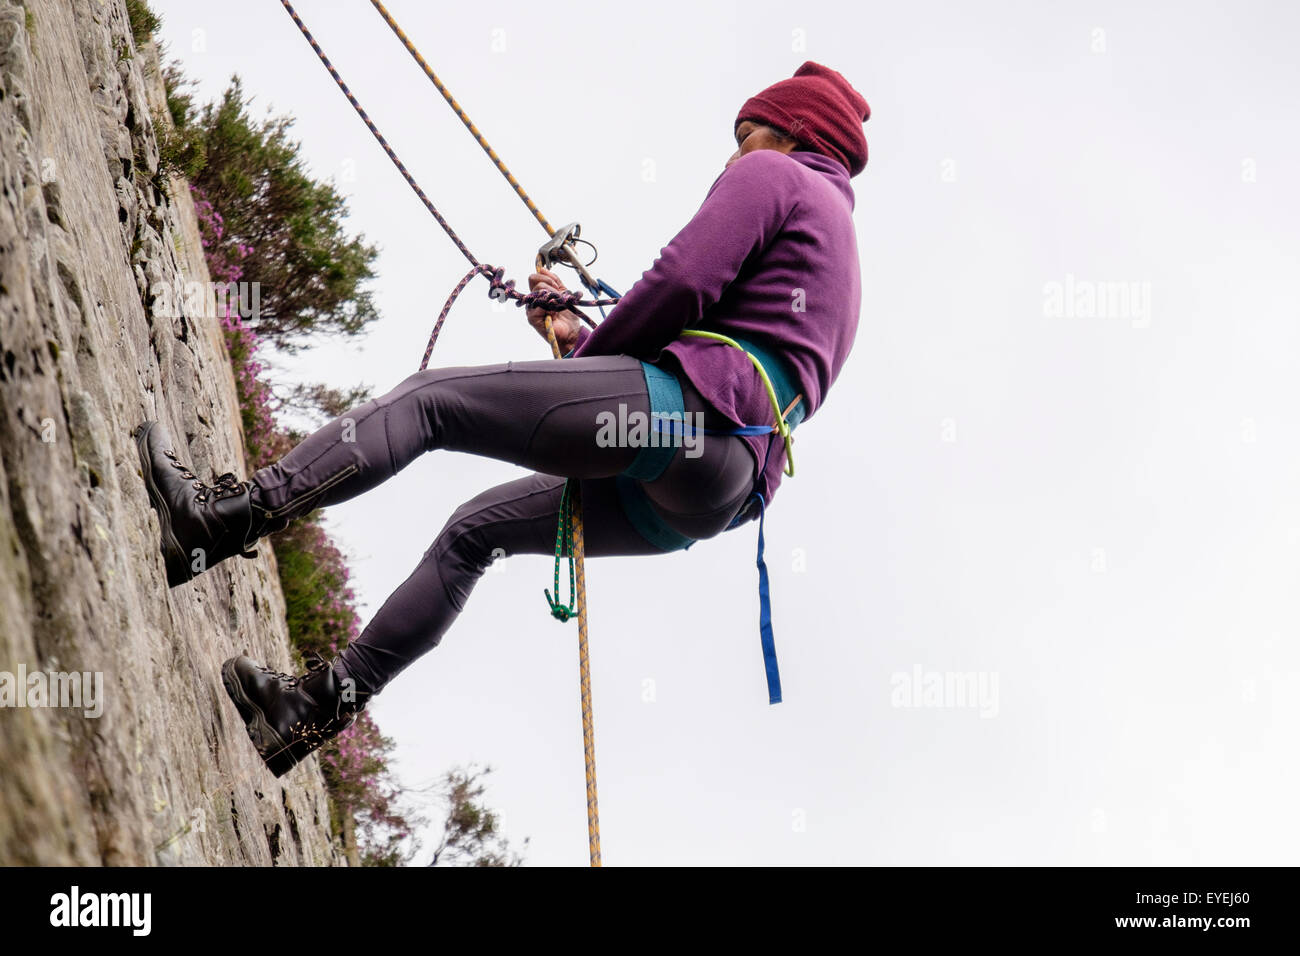 Klettergurt Mit Selbstsicherung : Weiblichen rock climber mit sicherungsseil und klettergurt auf eine